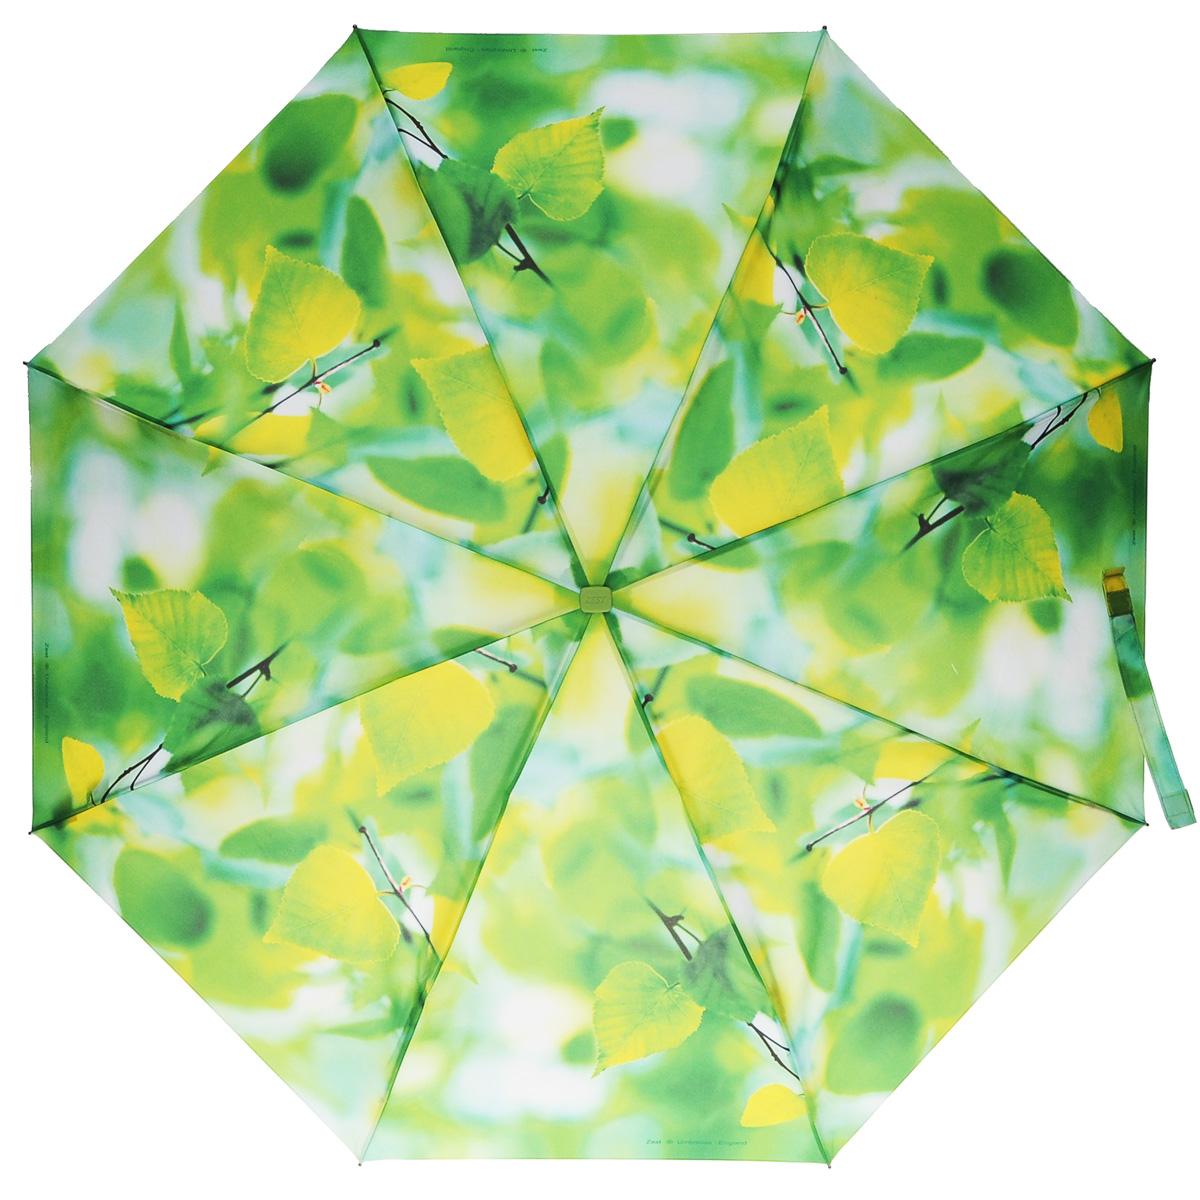 Зонт женский Zest, механический, 5 сложений, цвет: салатовый. 25515-228125515-2281Яркий механический зонт Zest в 5 сложений изготовлен из высокопрочных материалов. Каркас зонта состоит из 6 спиц из фибергласса и прочного алюминиевого стержня. Специальная система Windproof защищает его от поломок во время сильных порывов ветра. Купол зонта выполнен из прочного полиэстера с водоотталкивающей пропиткой и оформлен красочным изображением листвы. Используемые высококачественные красители обеспечивают длительное сохранение свойств ткани купола. Рукоятка, разработанная с учетом требований эргономики, выполнена из пластика. Зонт механического сложения: купол открывается и закрывается вручную до характерного щелчка. Небольшой шнурок, расположенный на рукоятке, позволяет надеть изделие на руку при необходимости. К зонту прилагается чехол. Такой зонт не только надежно защитит вас от дождя, но и станет стильным аксессуаром, который идеально подчеркнет ваш неповторимый образ.